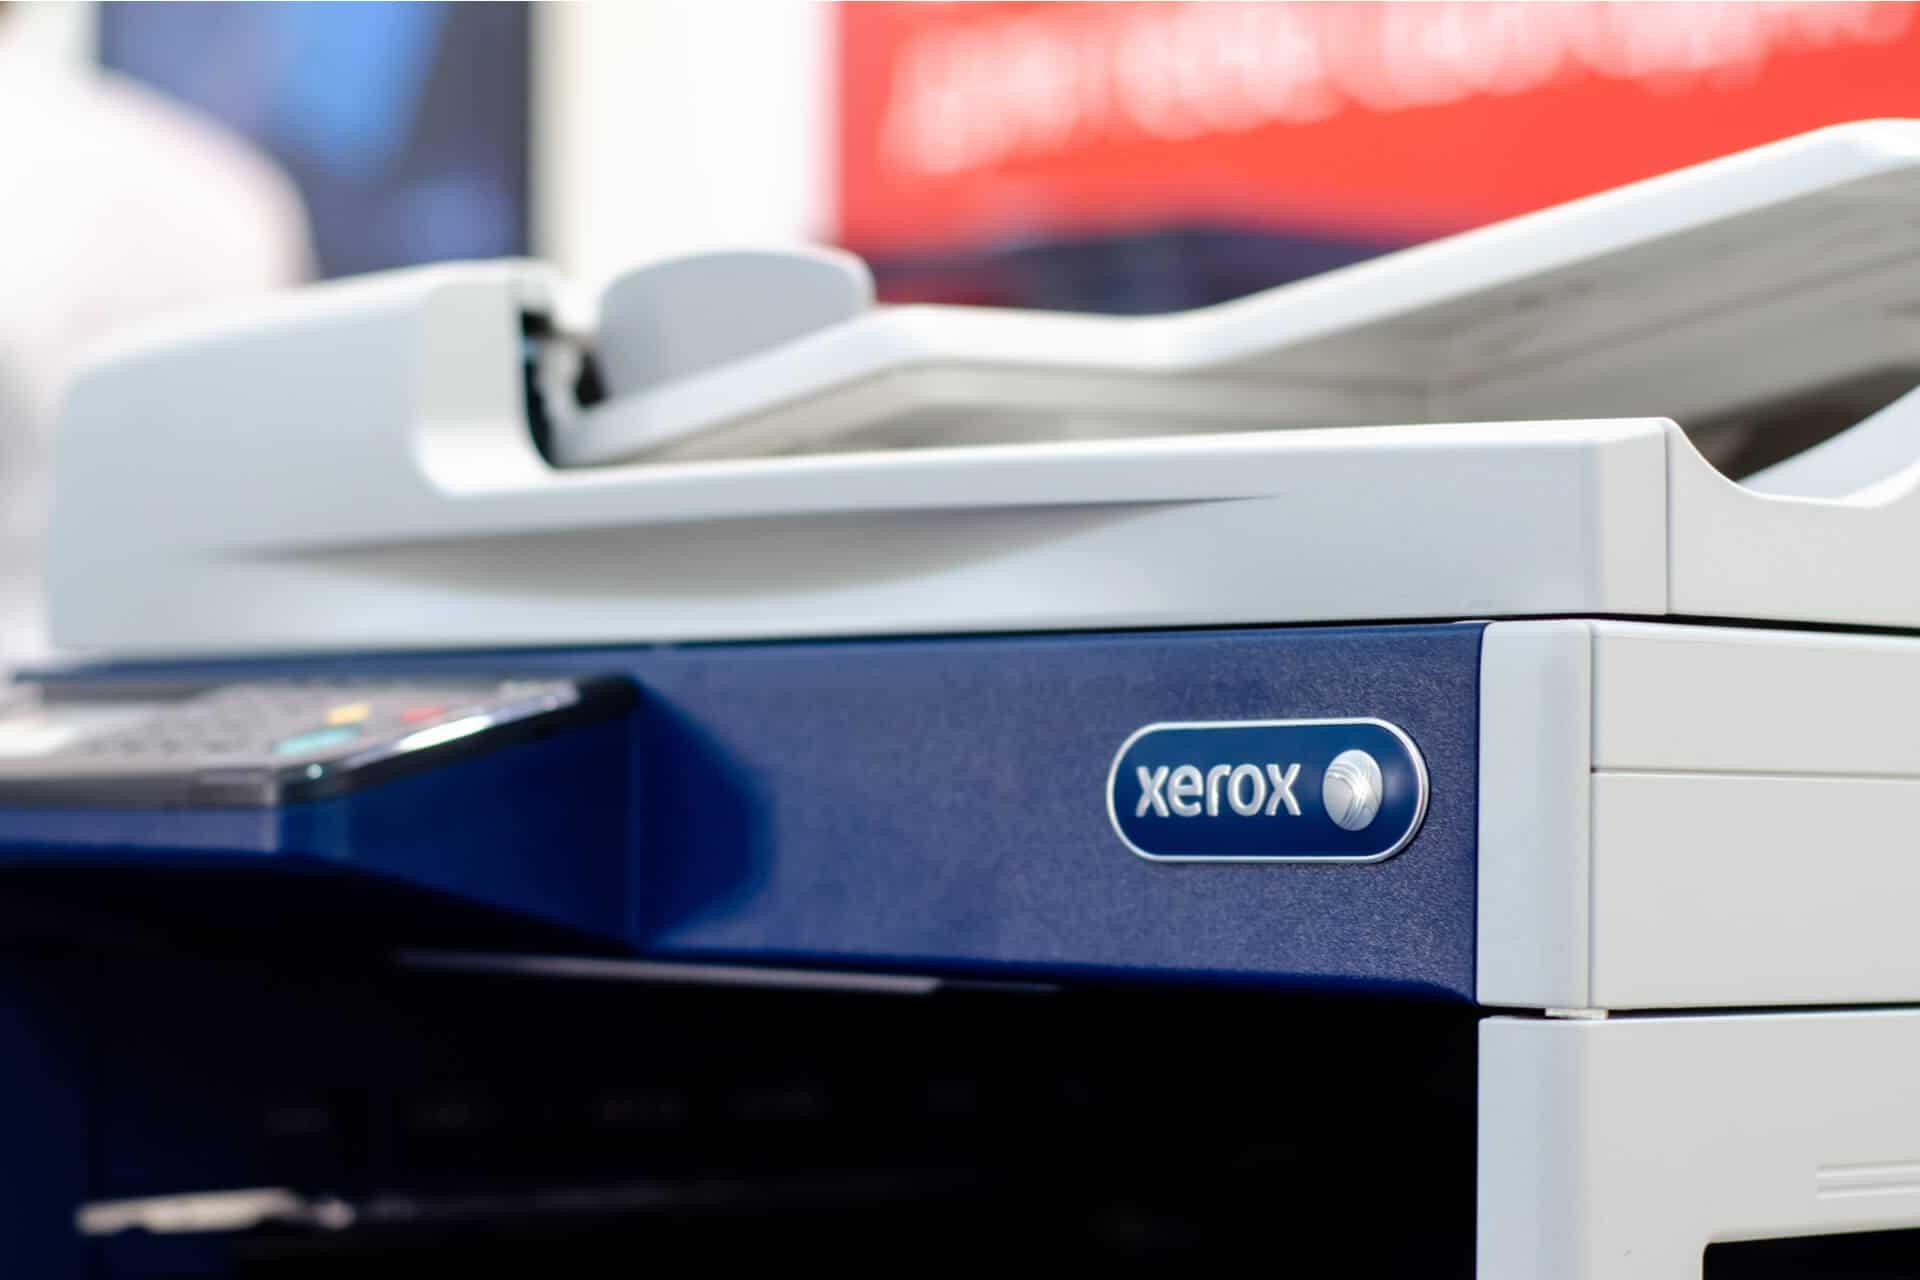 Stampanti Xerox opinioni utili per una scelta sicura